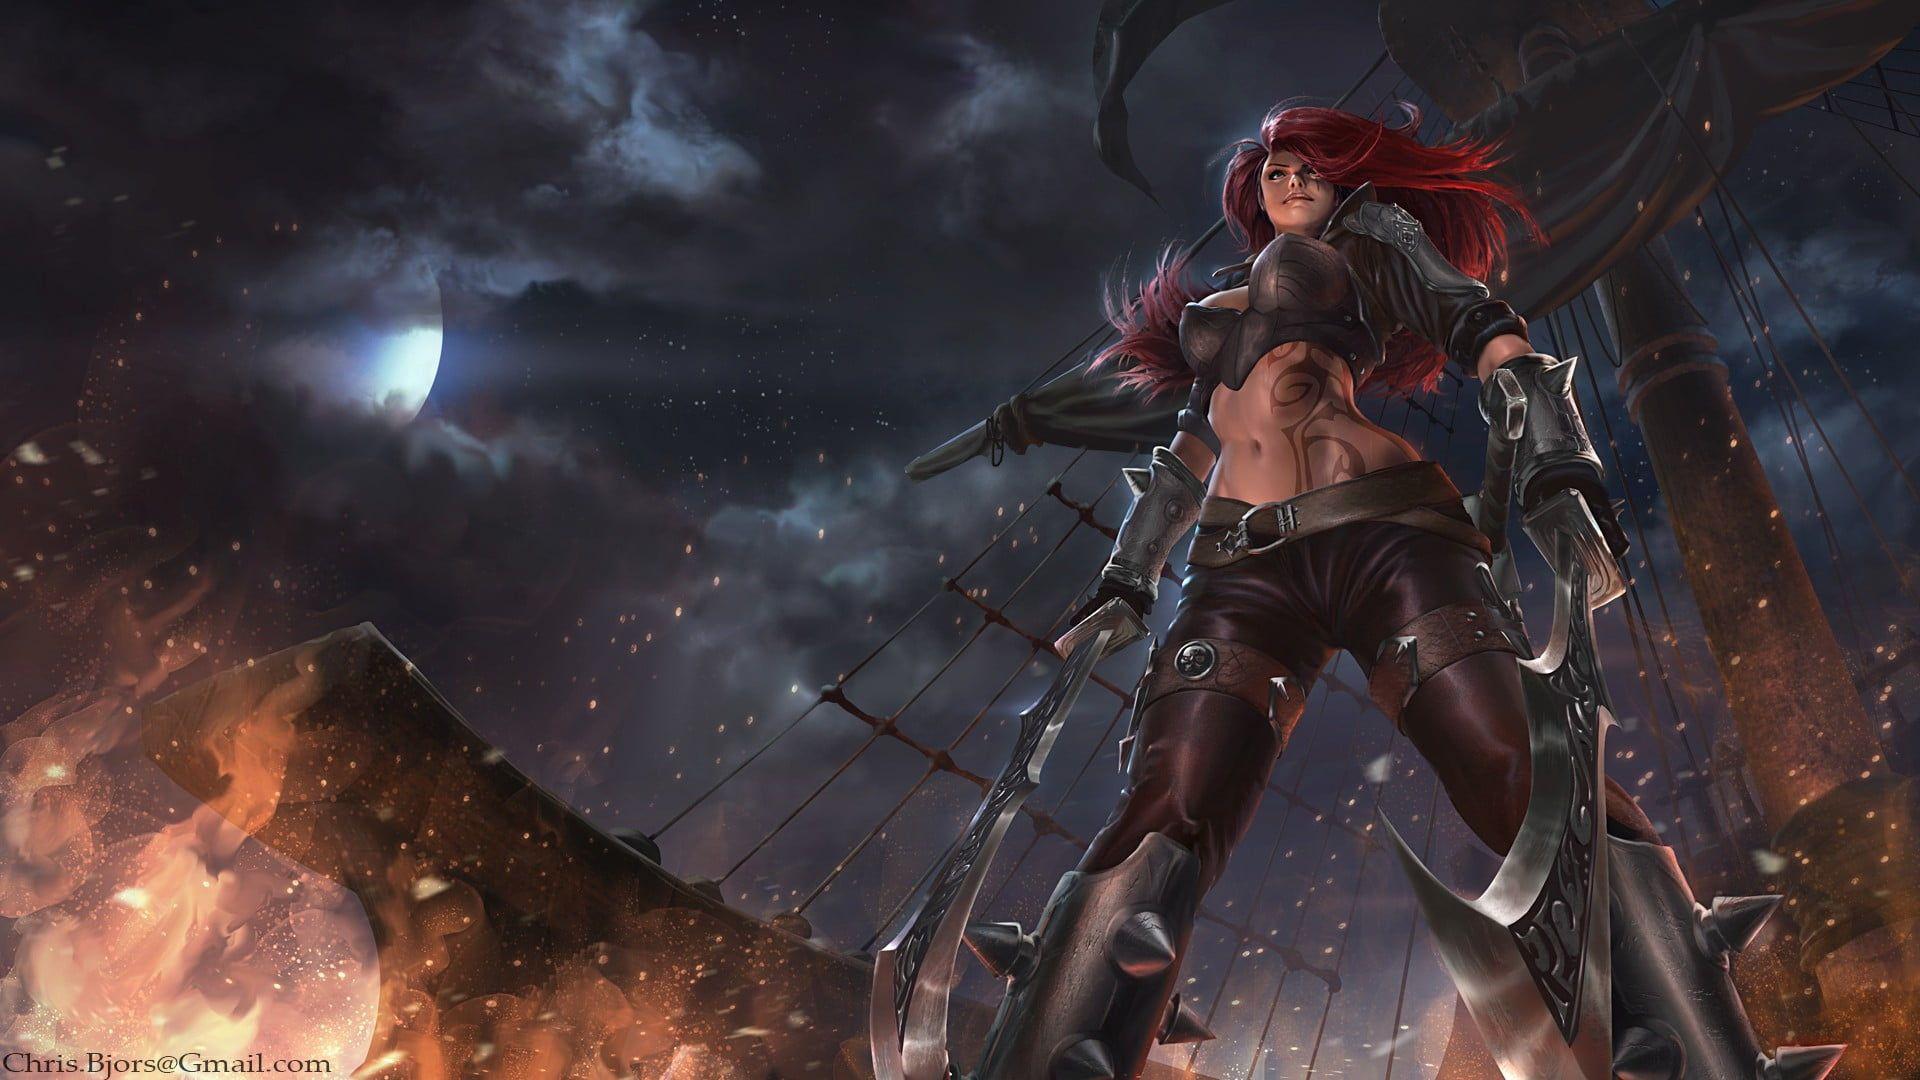 Katarina Wallpaper League Of Legends Video Games Redhead Women